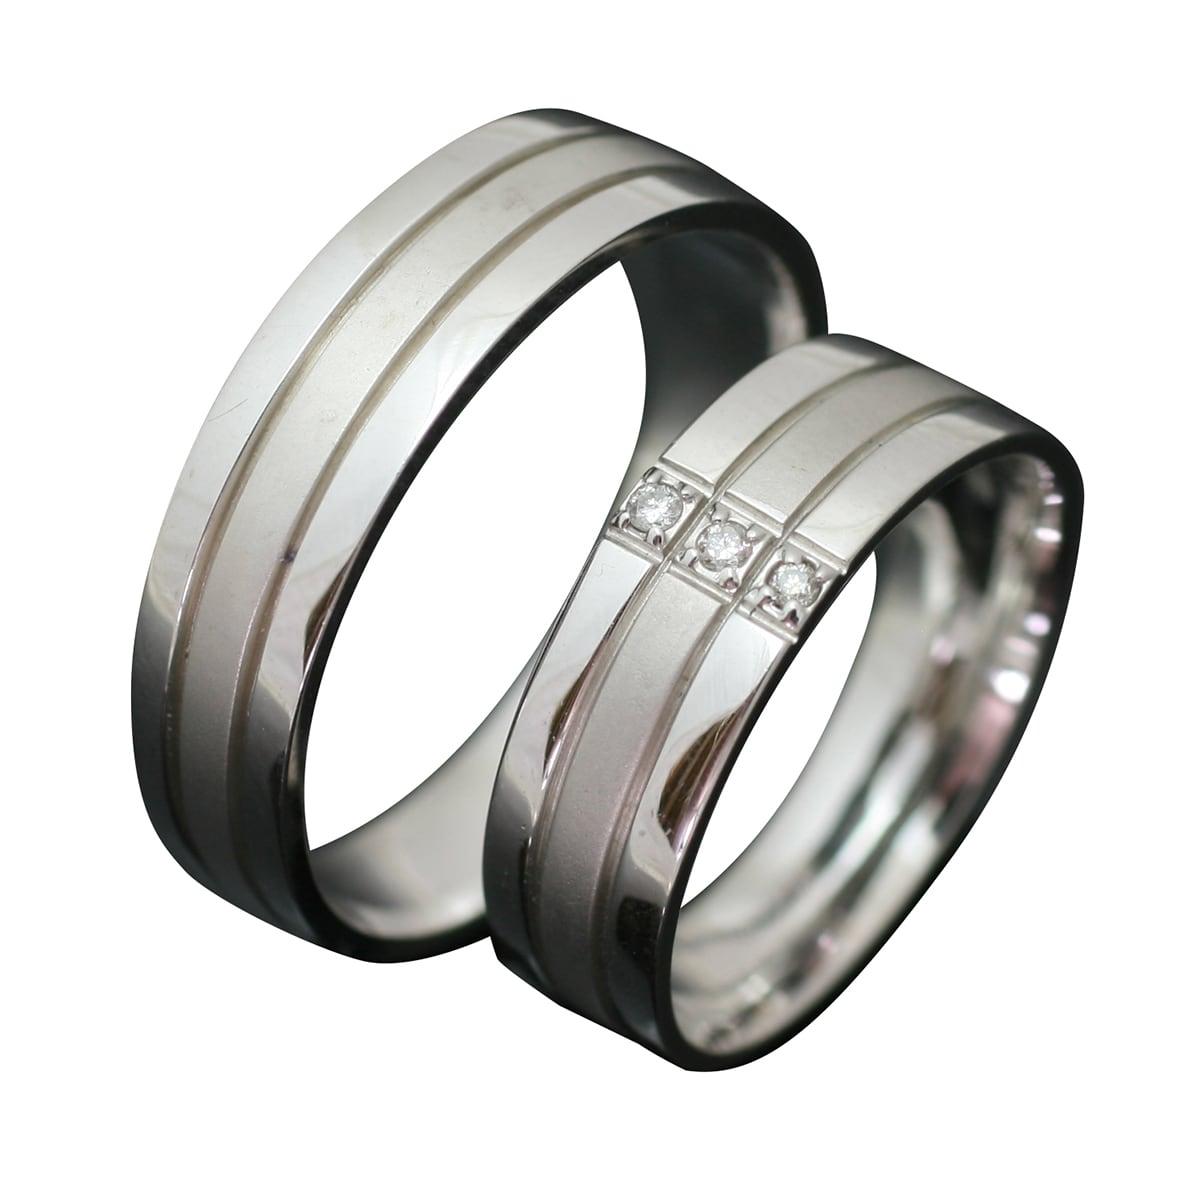 ペアリング 2本セット ダイヤリング K10 ホワイトゴールド 天然 ダイヤモンド マリッジリング 結婚指輪 日本製【NEWショップ】【送料無料】 【ペアリング】【ホワイトゴールド】